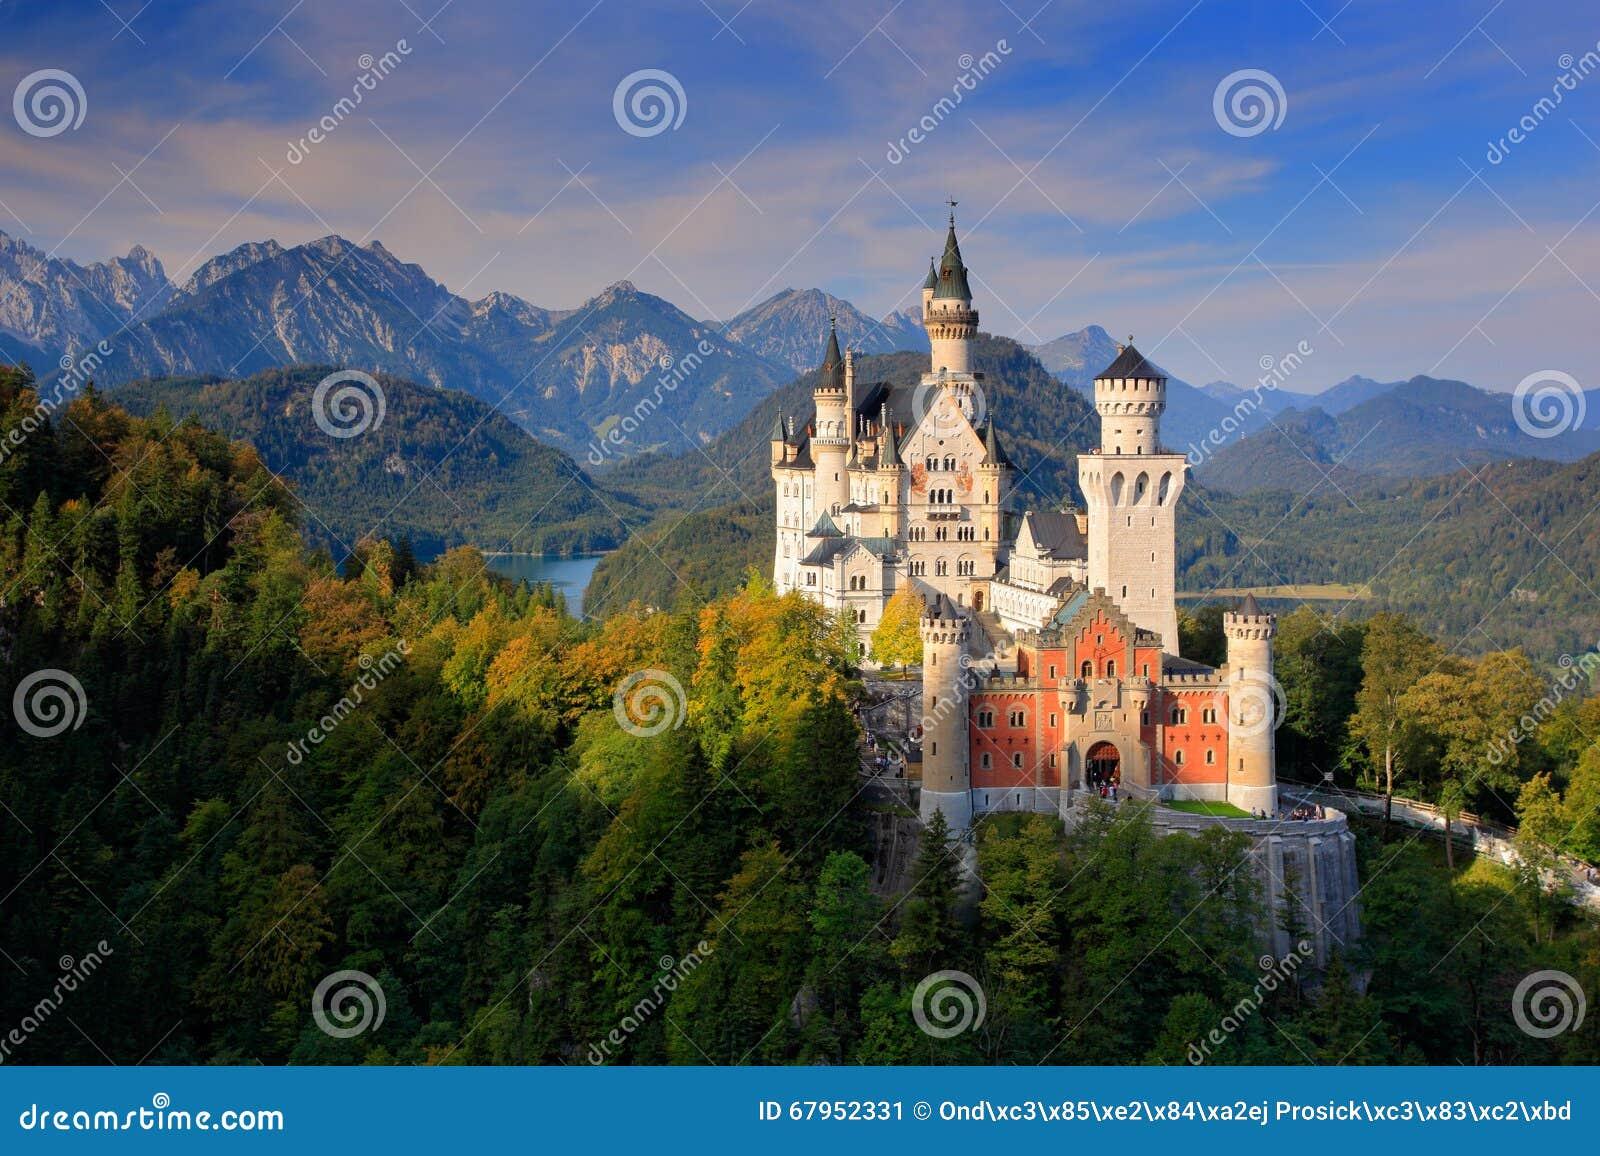 Castelo famoso de Neuschwanstein do conto de fadas em Baviera, Alemanha, fim da tarde com o céu azul com nuvens brancas